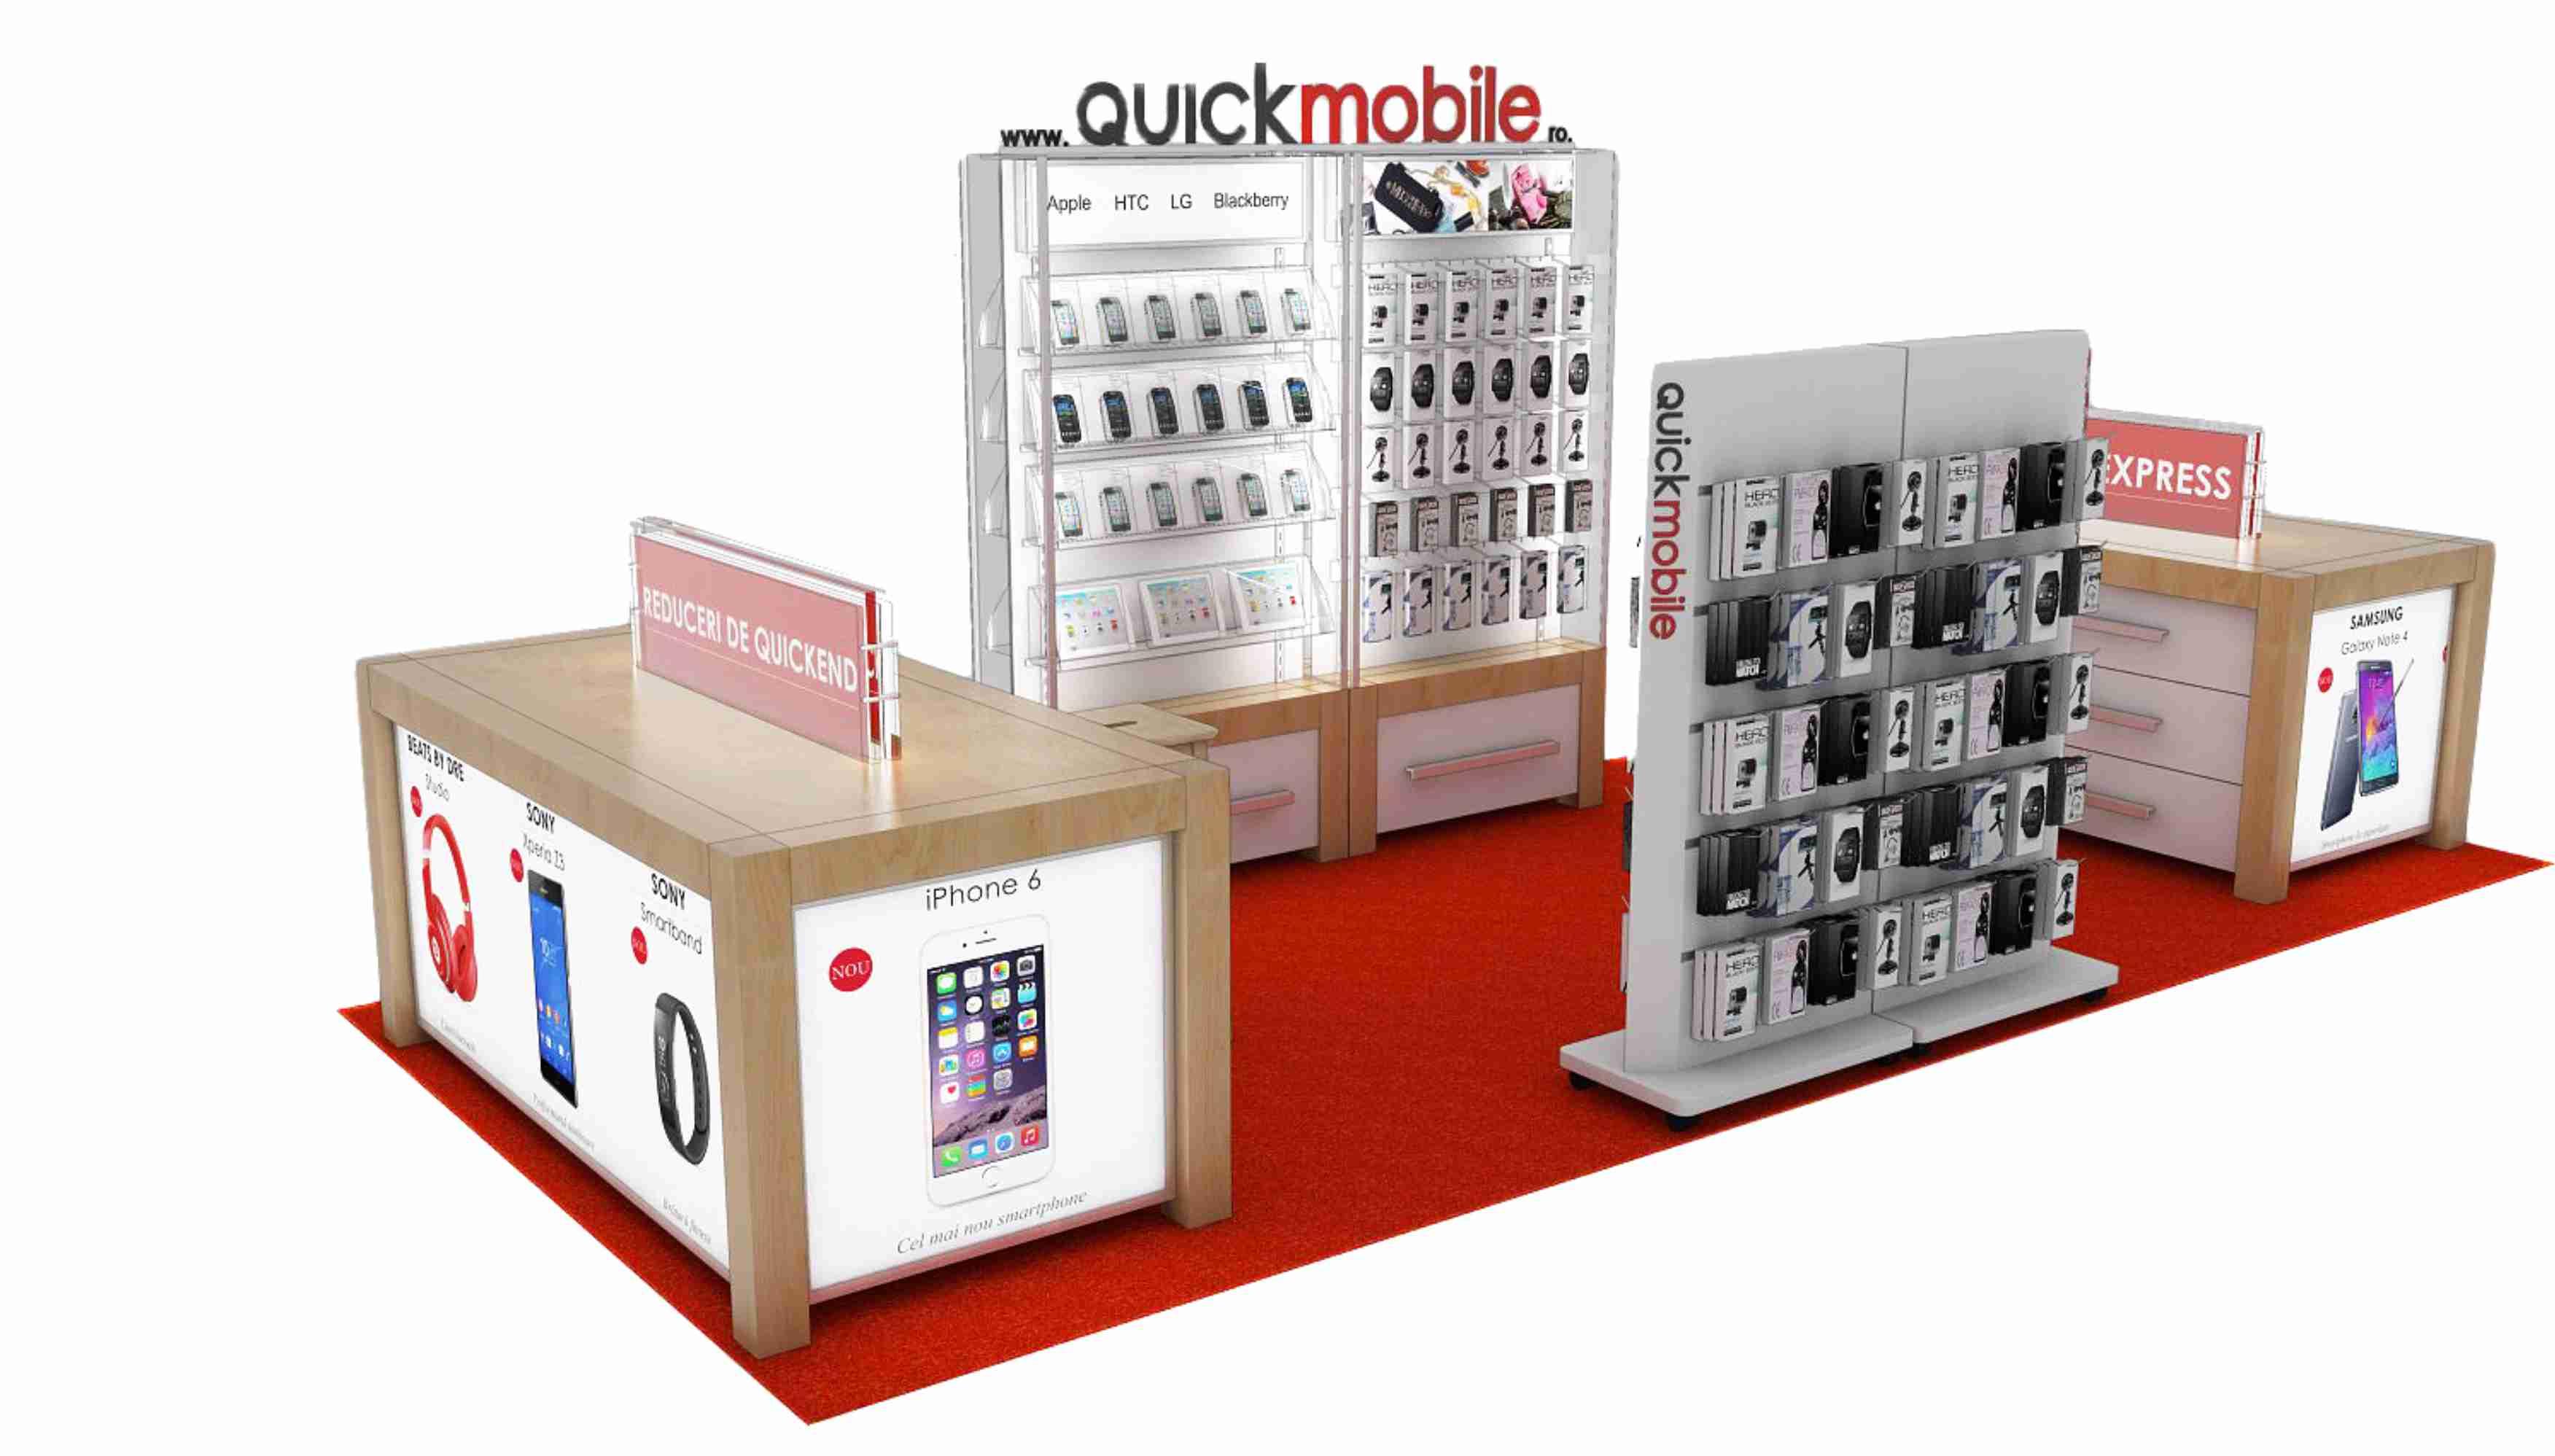 QuickMobile continuă extinderea rețelei de magazine tech retail şi caută francizat în Piteşti